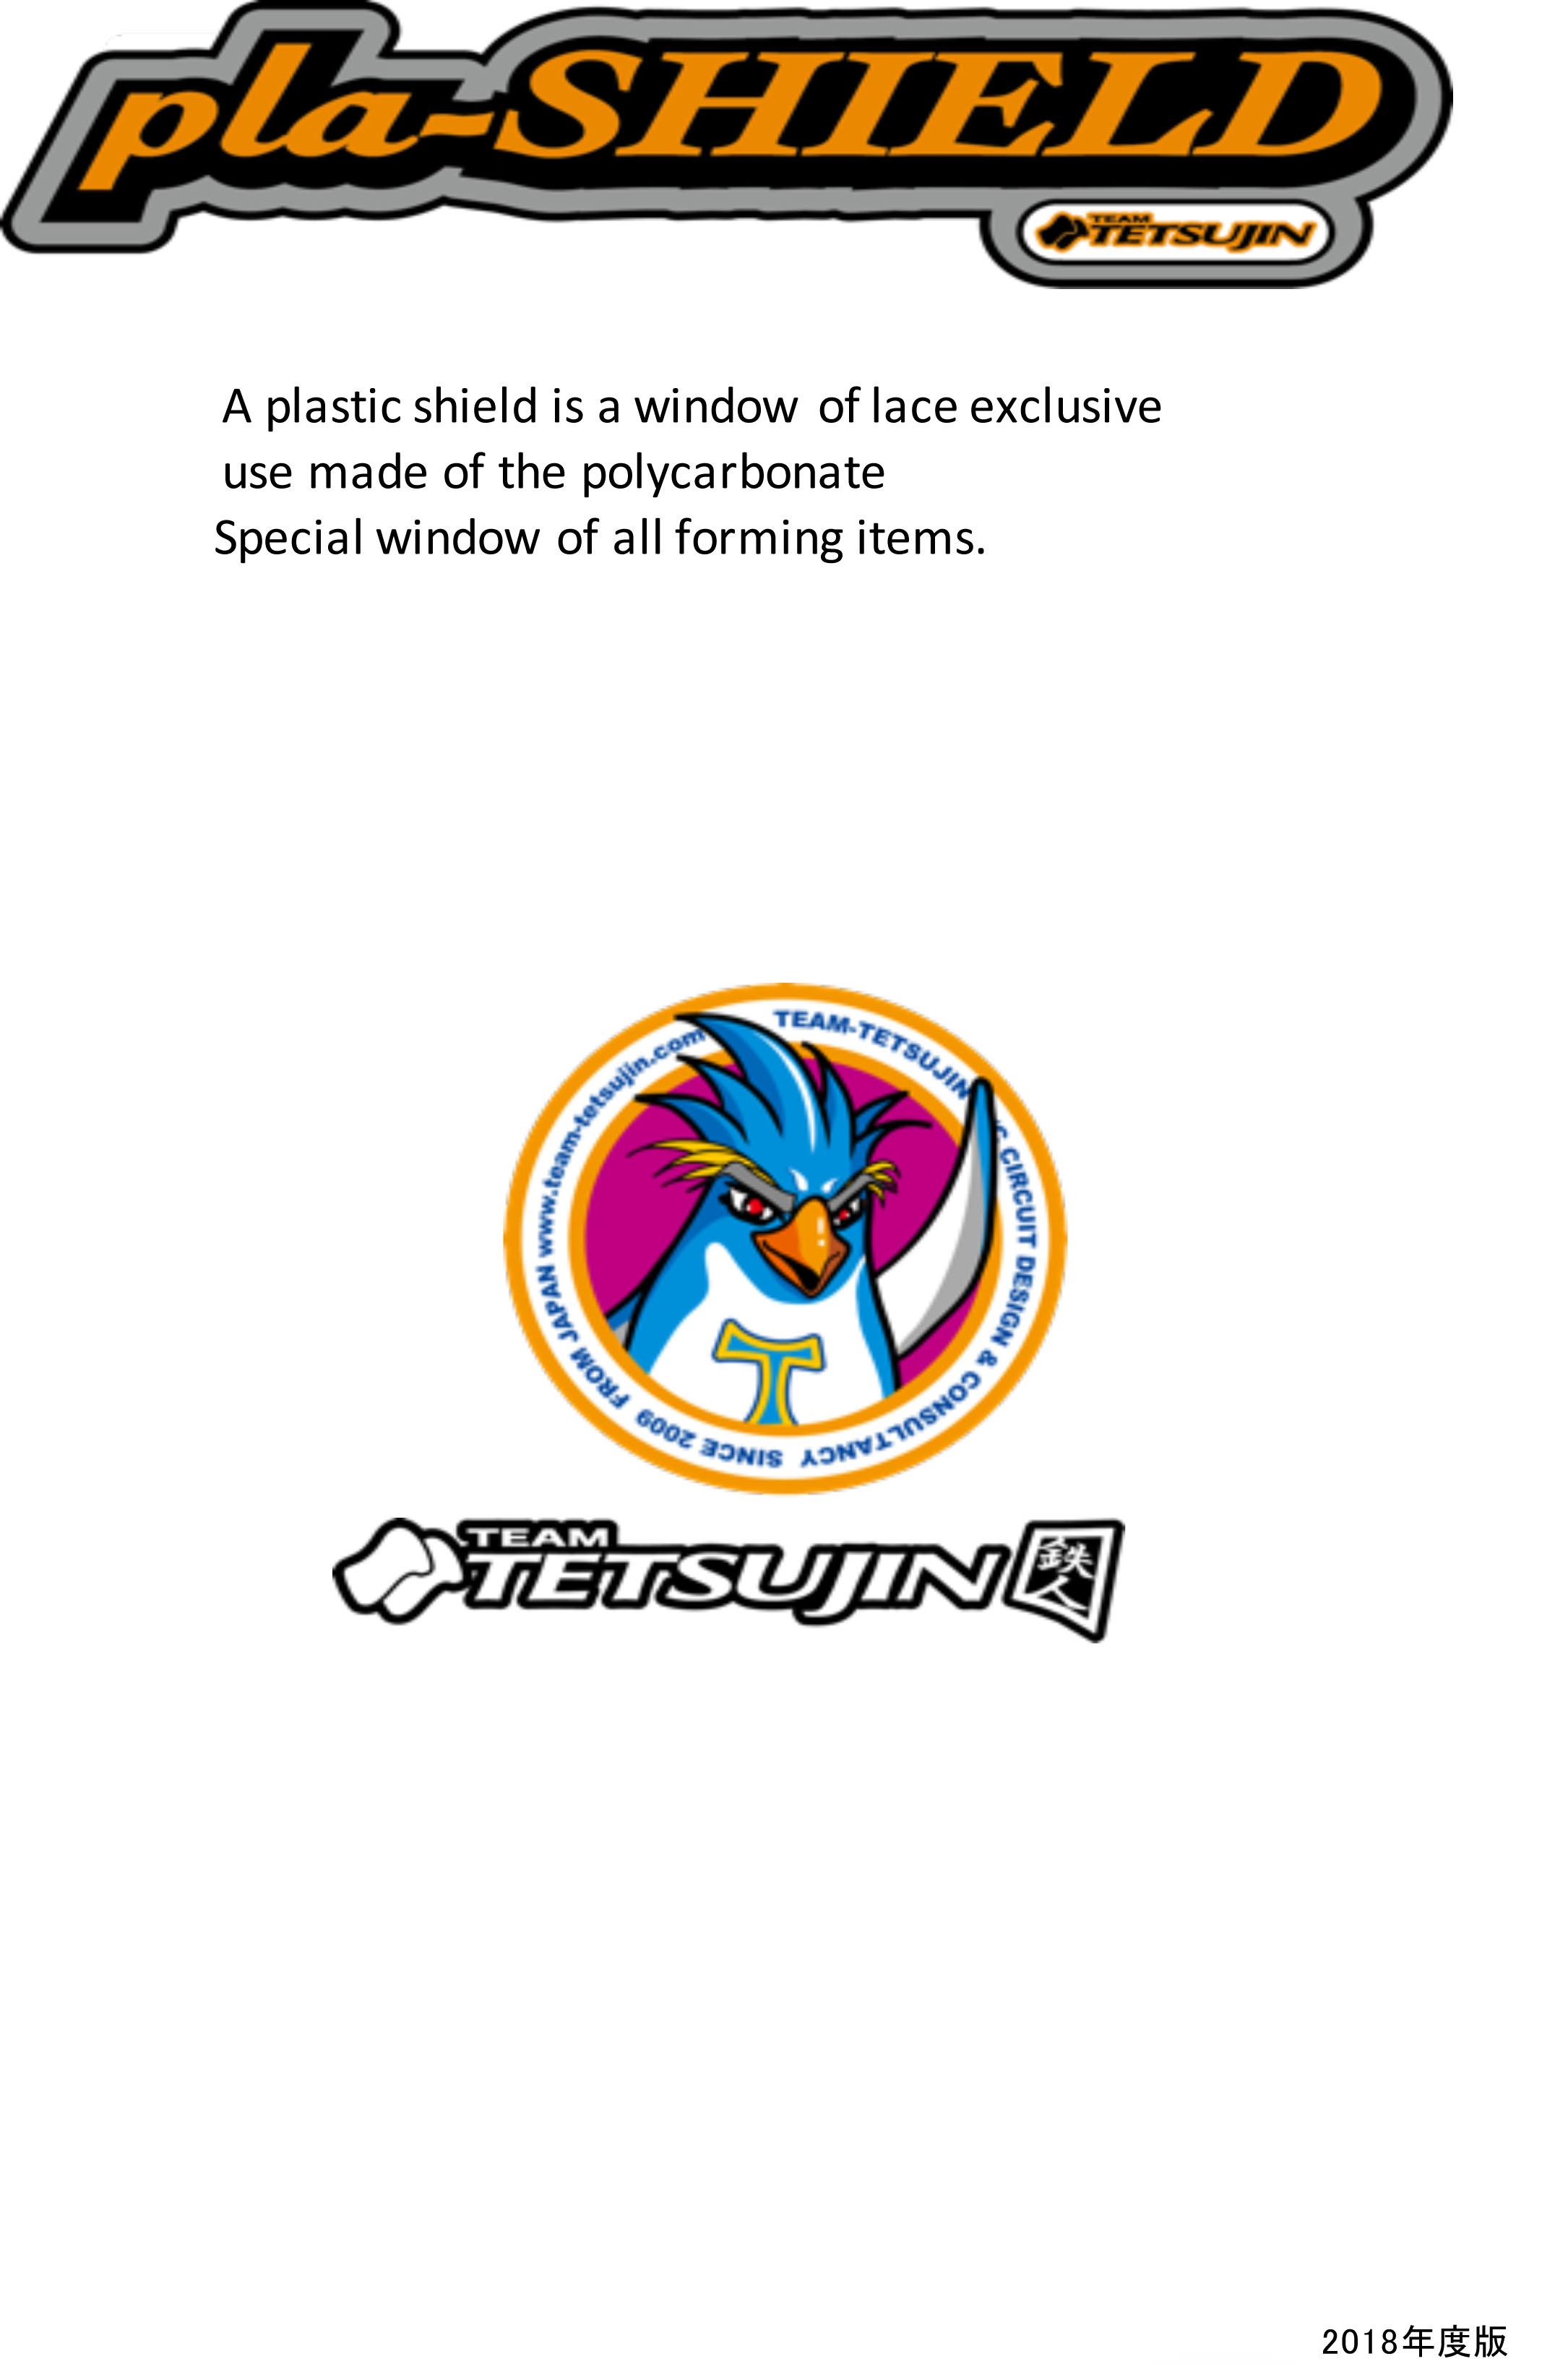 プラシールド特徴2018-1